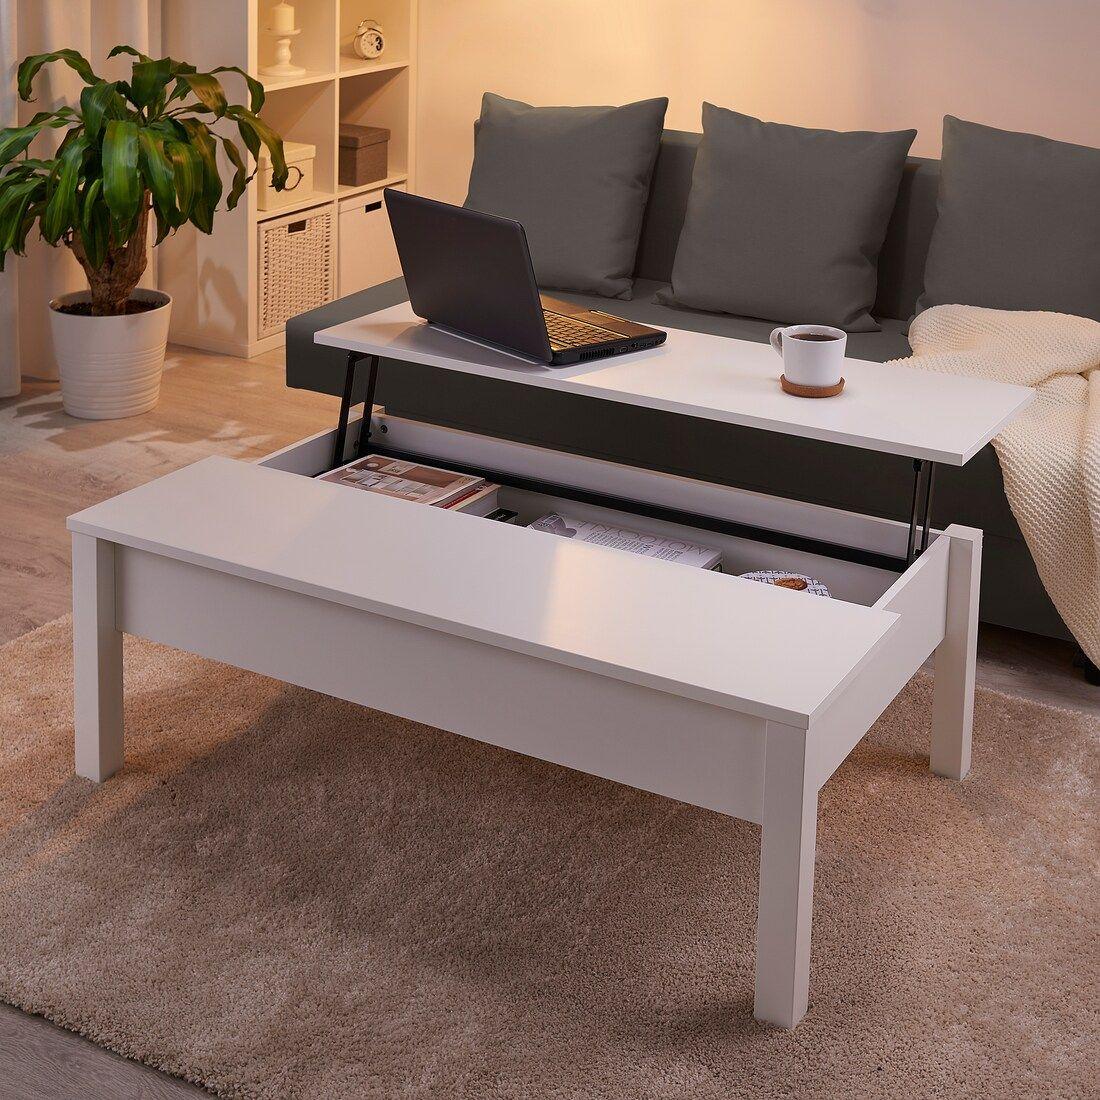 Trulstorp White Coffee Table 115x70 Cm Ikea Witte Salontafels Salontafel Koffietafel